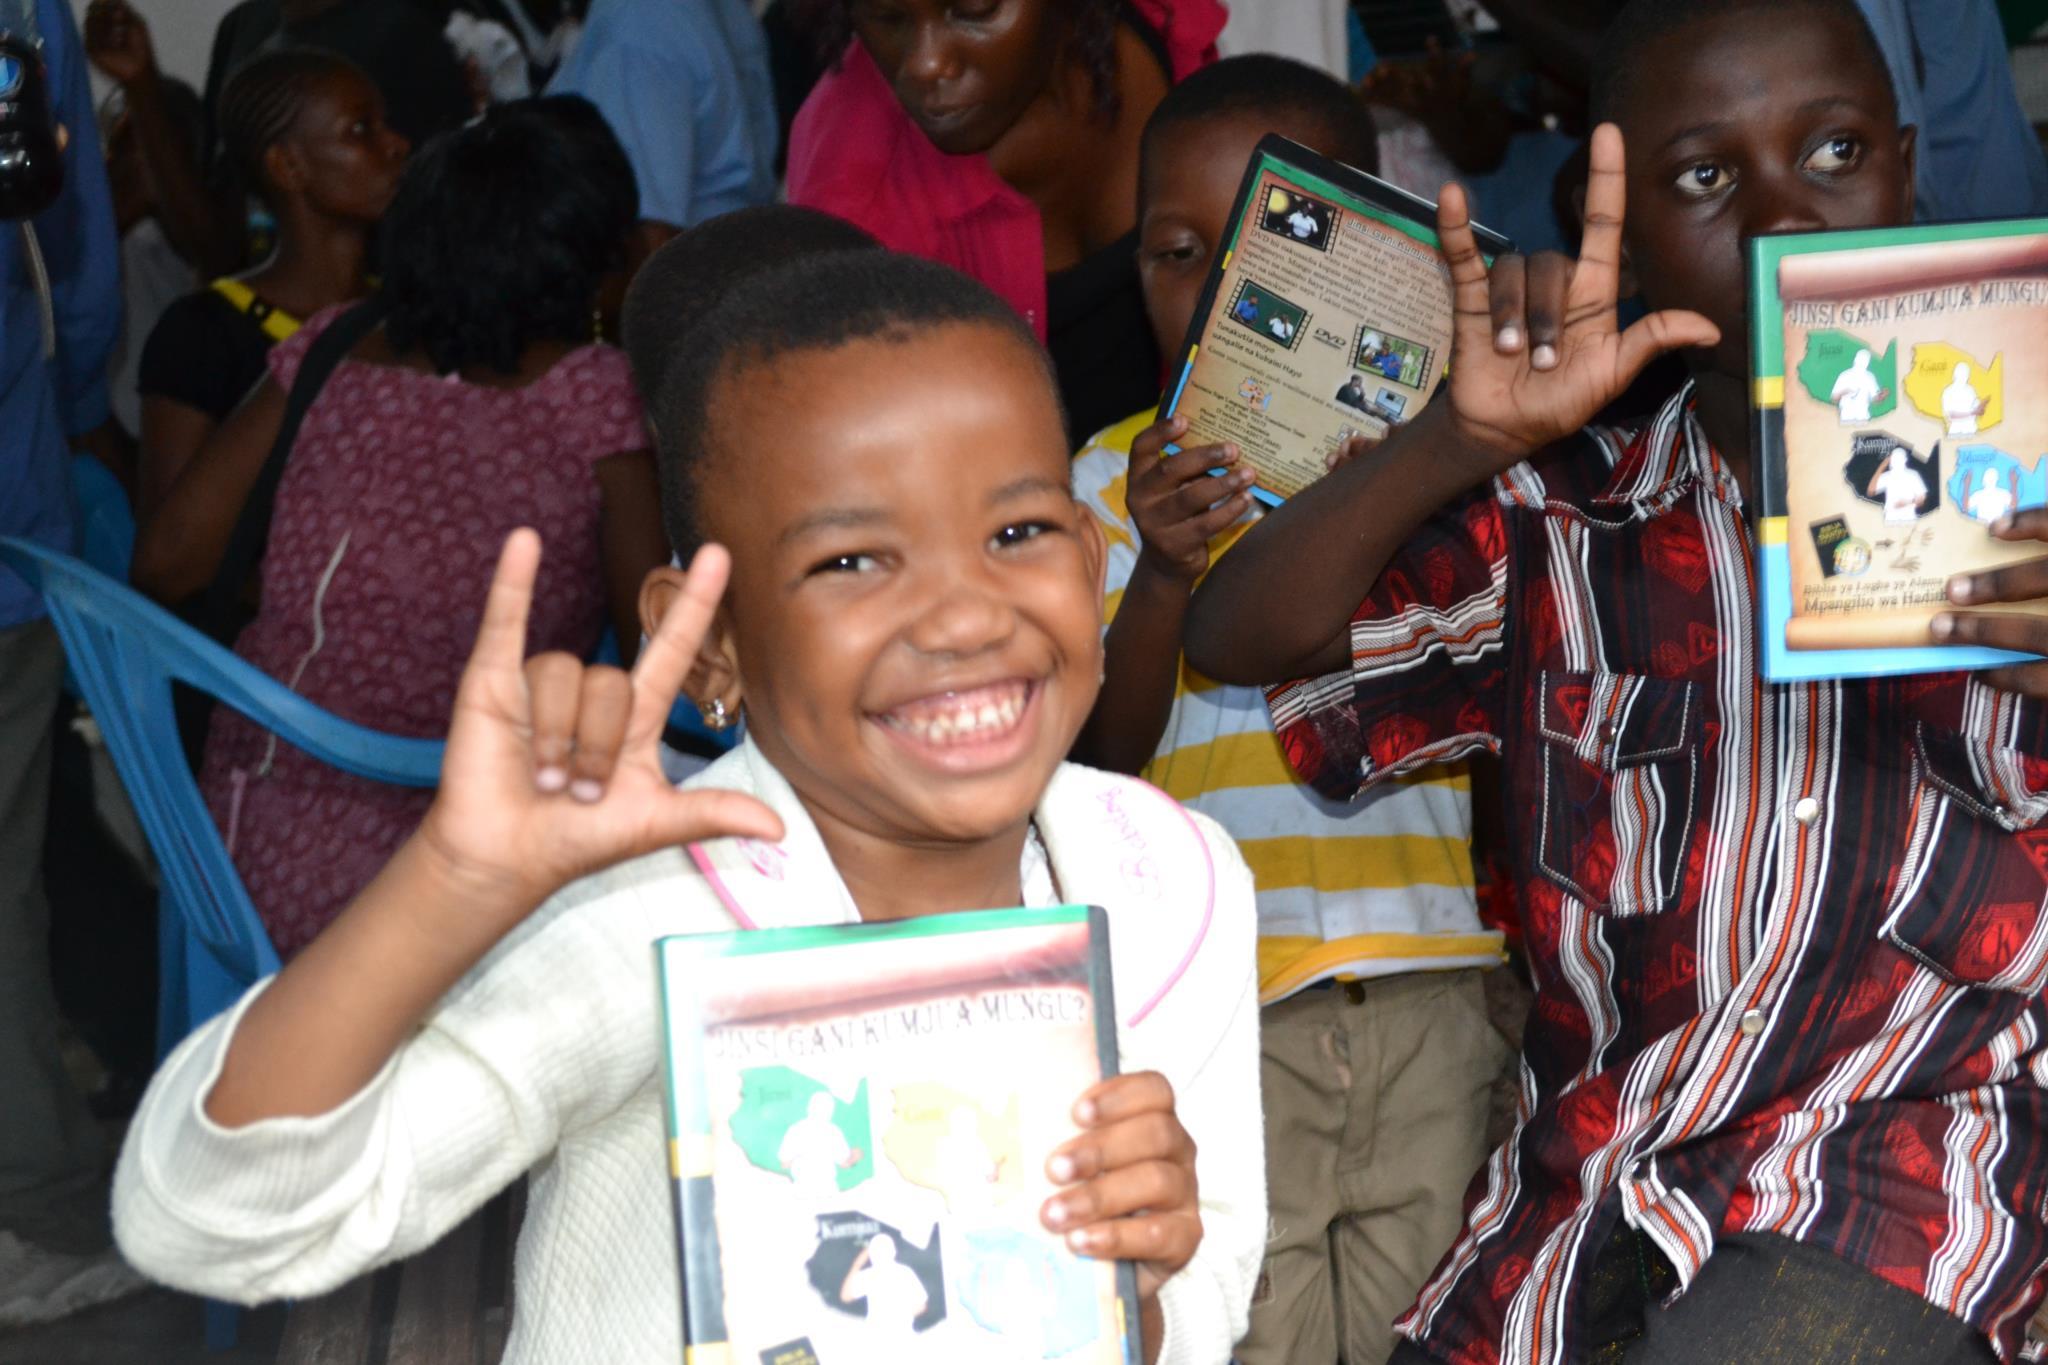 Deaf outreach in Burundi continues despite violence